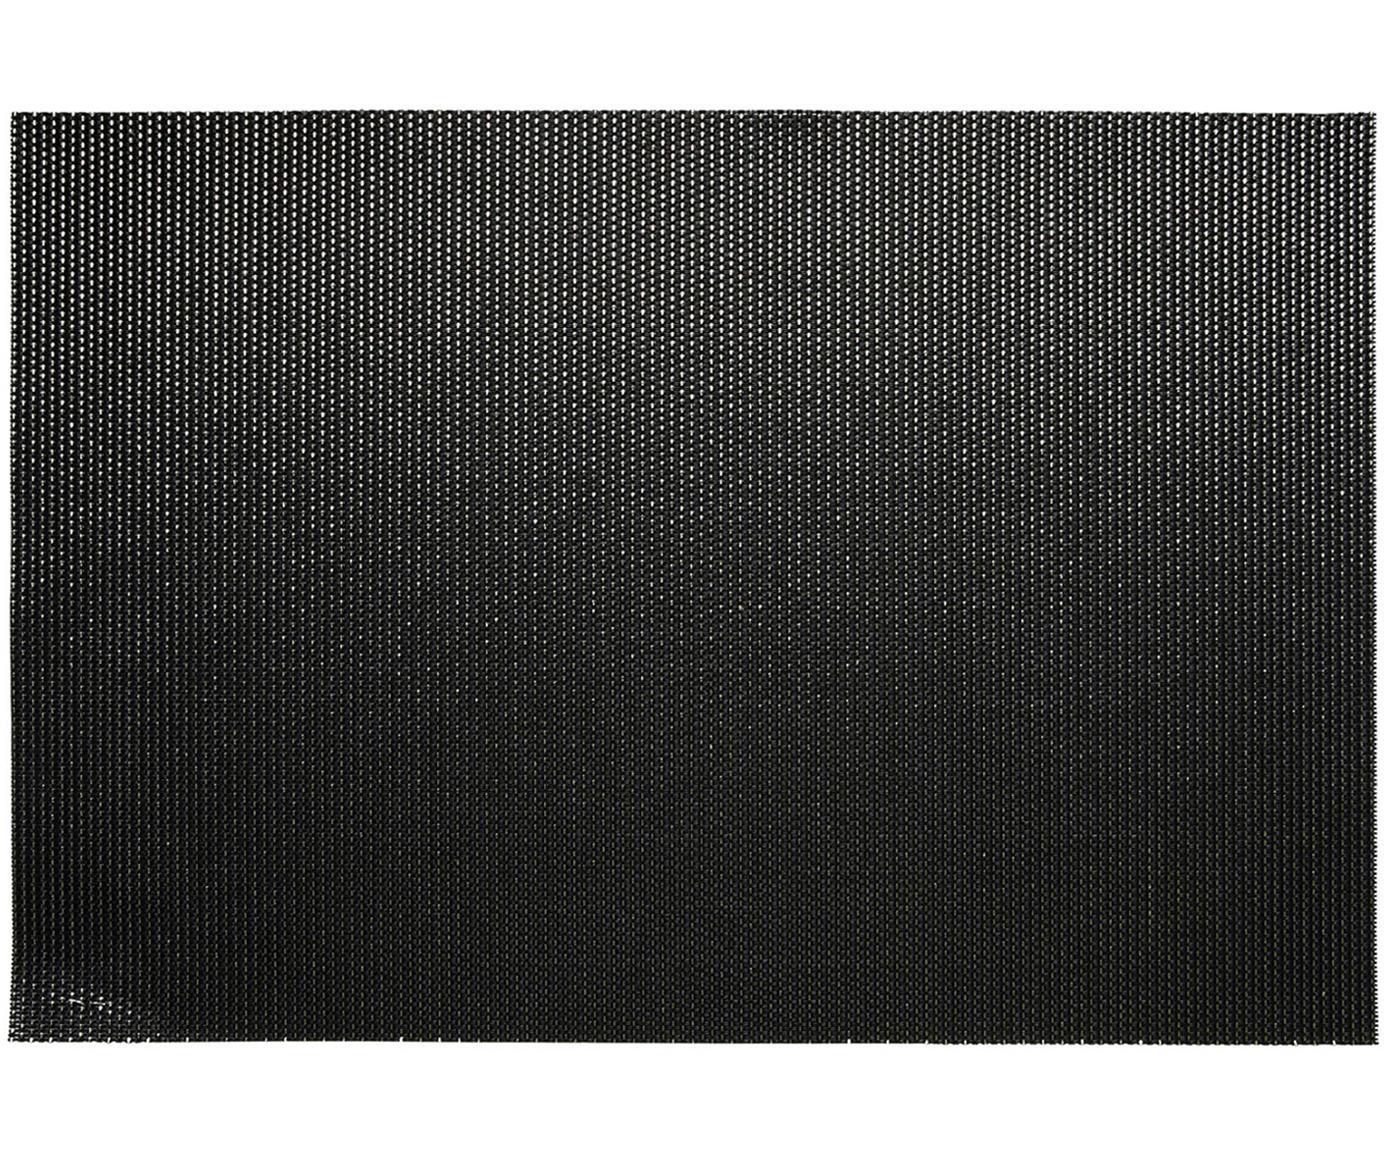 Kunststoffen placemats Brilliant, 2 stuks, Kunststof, Zwart, goudkleurig, 30 x 45 cm